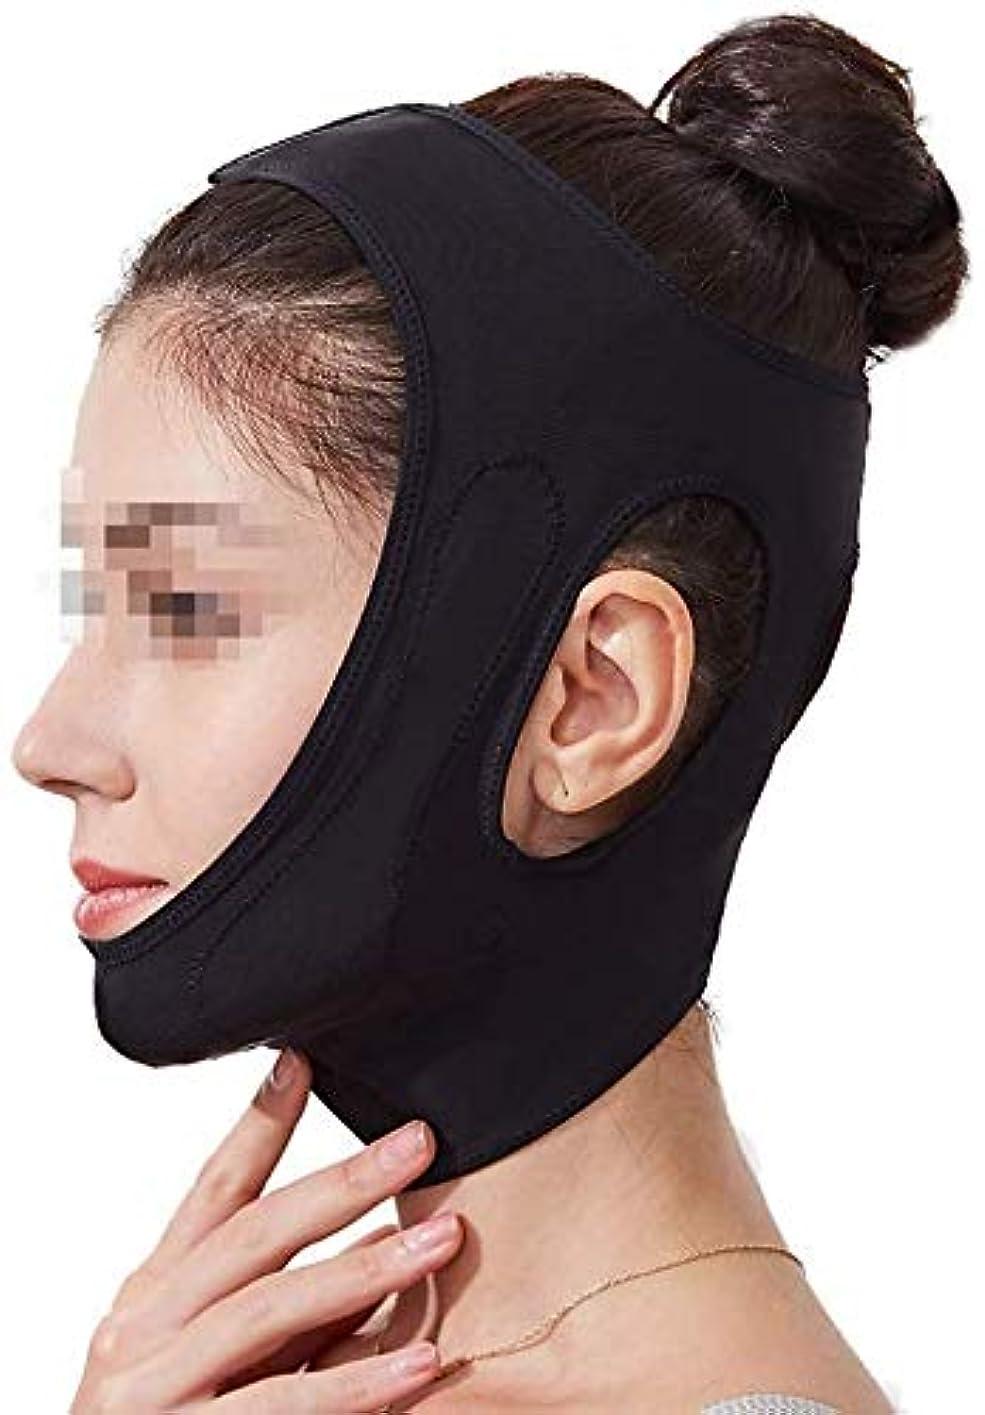 記憶に残る散文後世スリミングVフェイスマスク、フェイスリフティング包帯、フェイスマスクフェイスリフトあご快適な顔マルチカラーオプション(色:黒)